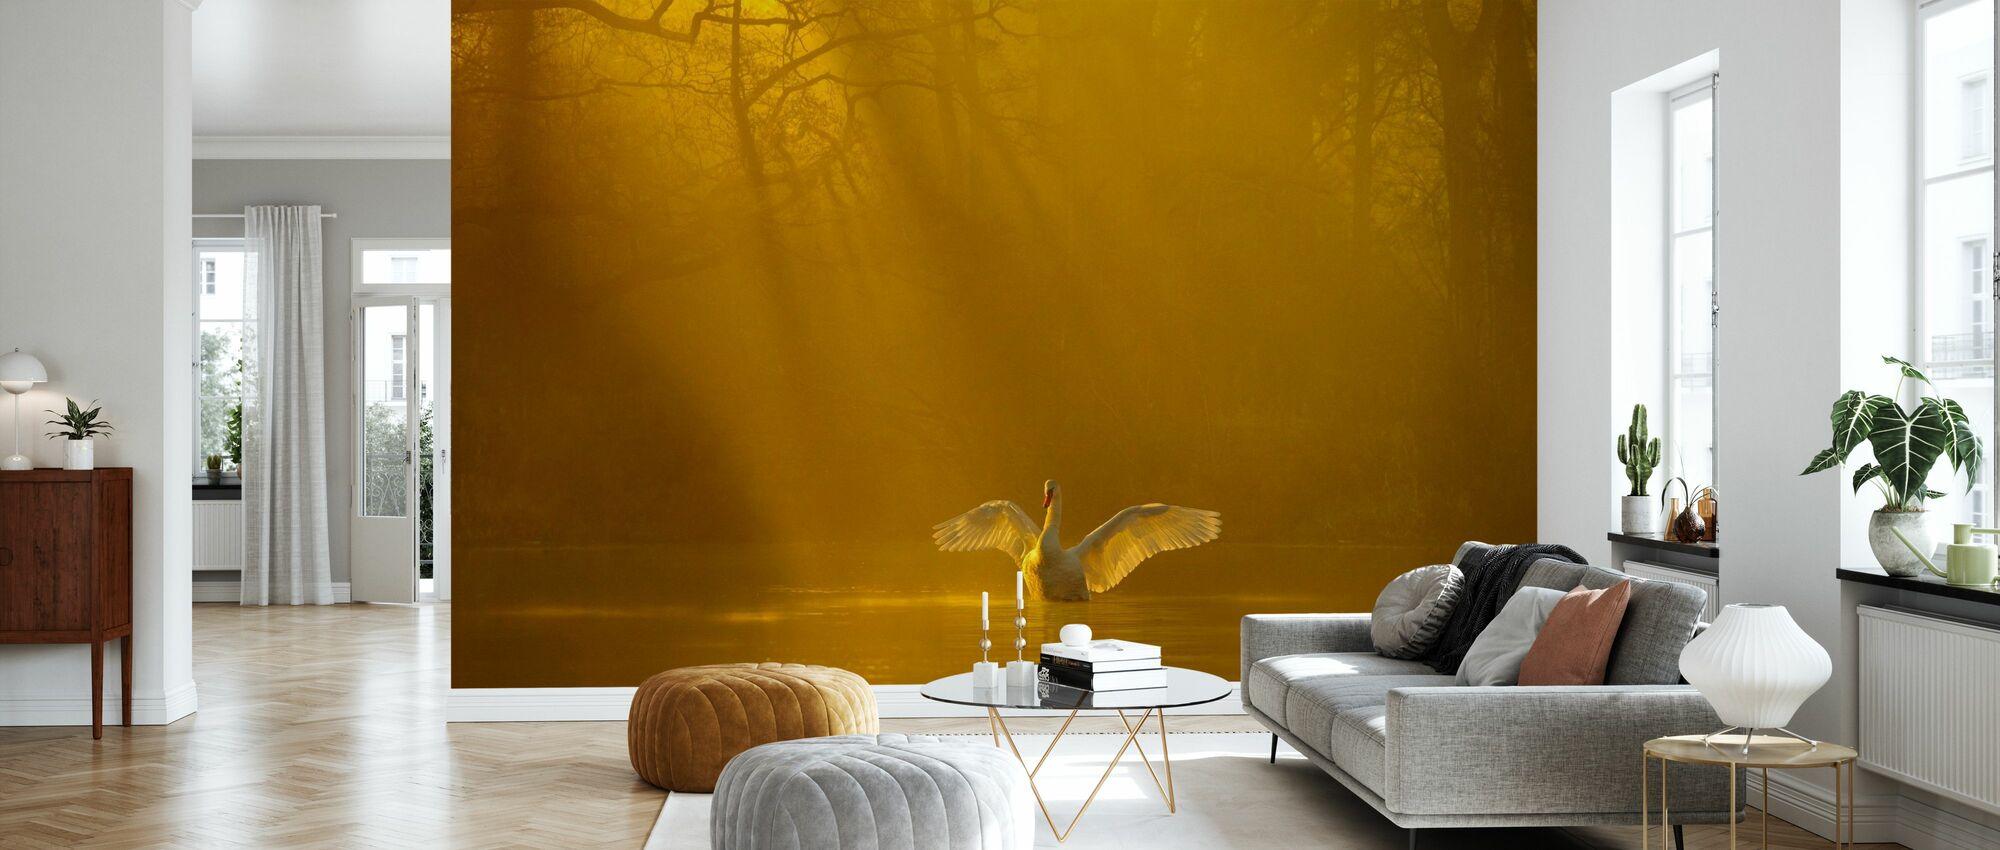 Golden Swan Lake - Wallpaper - Living Room